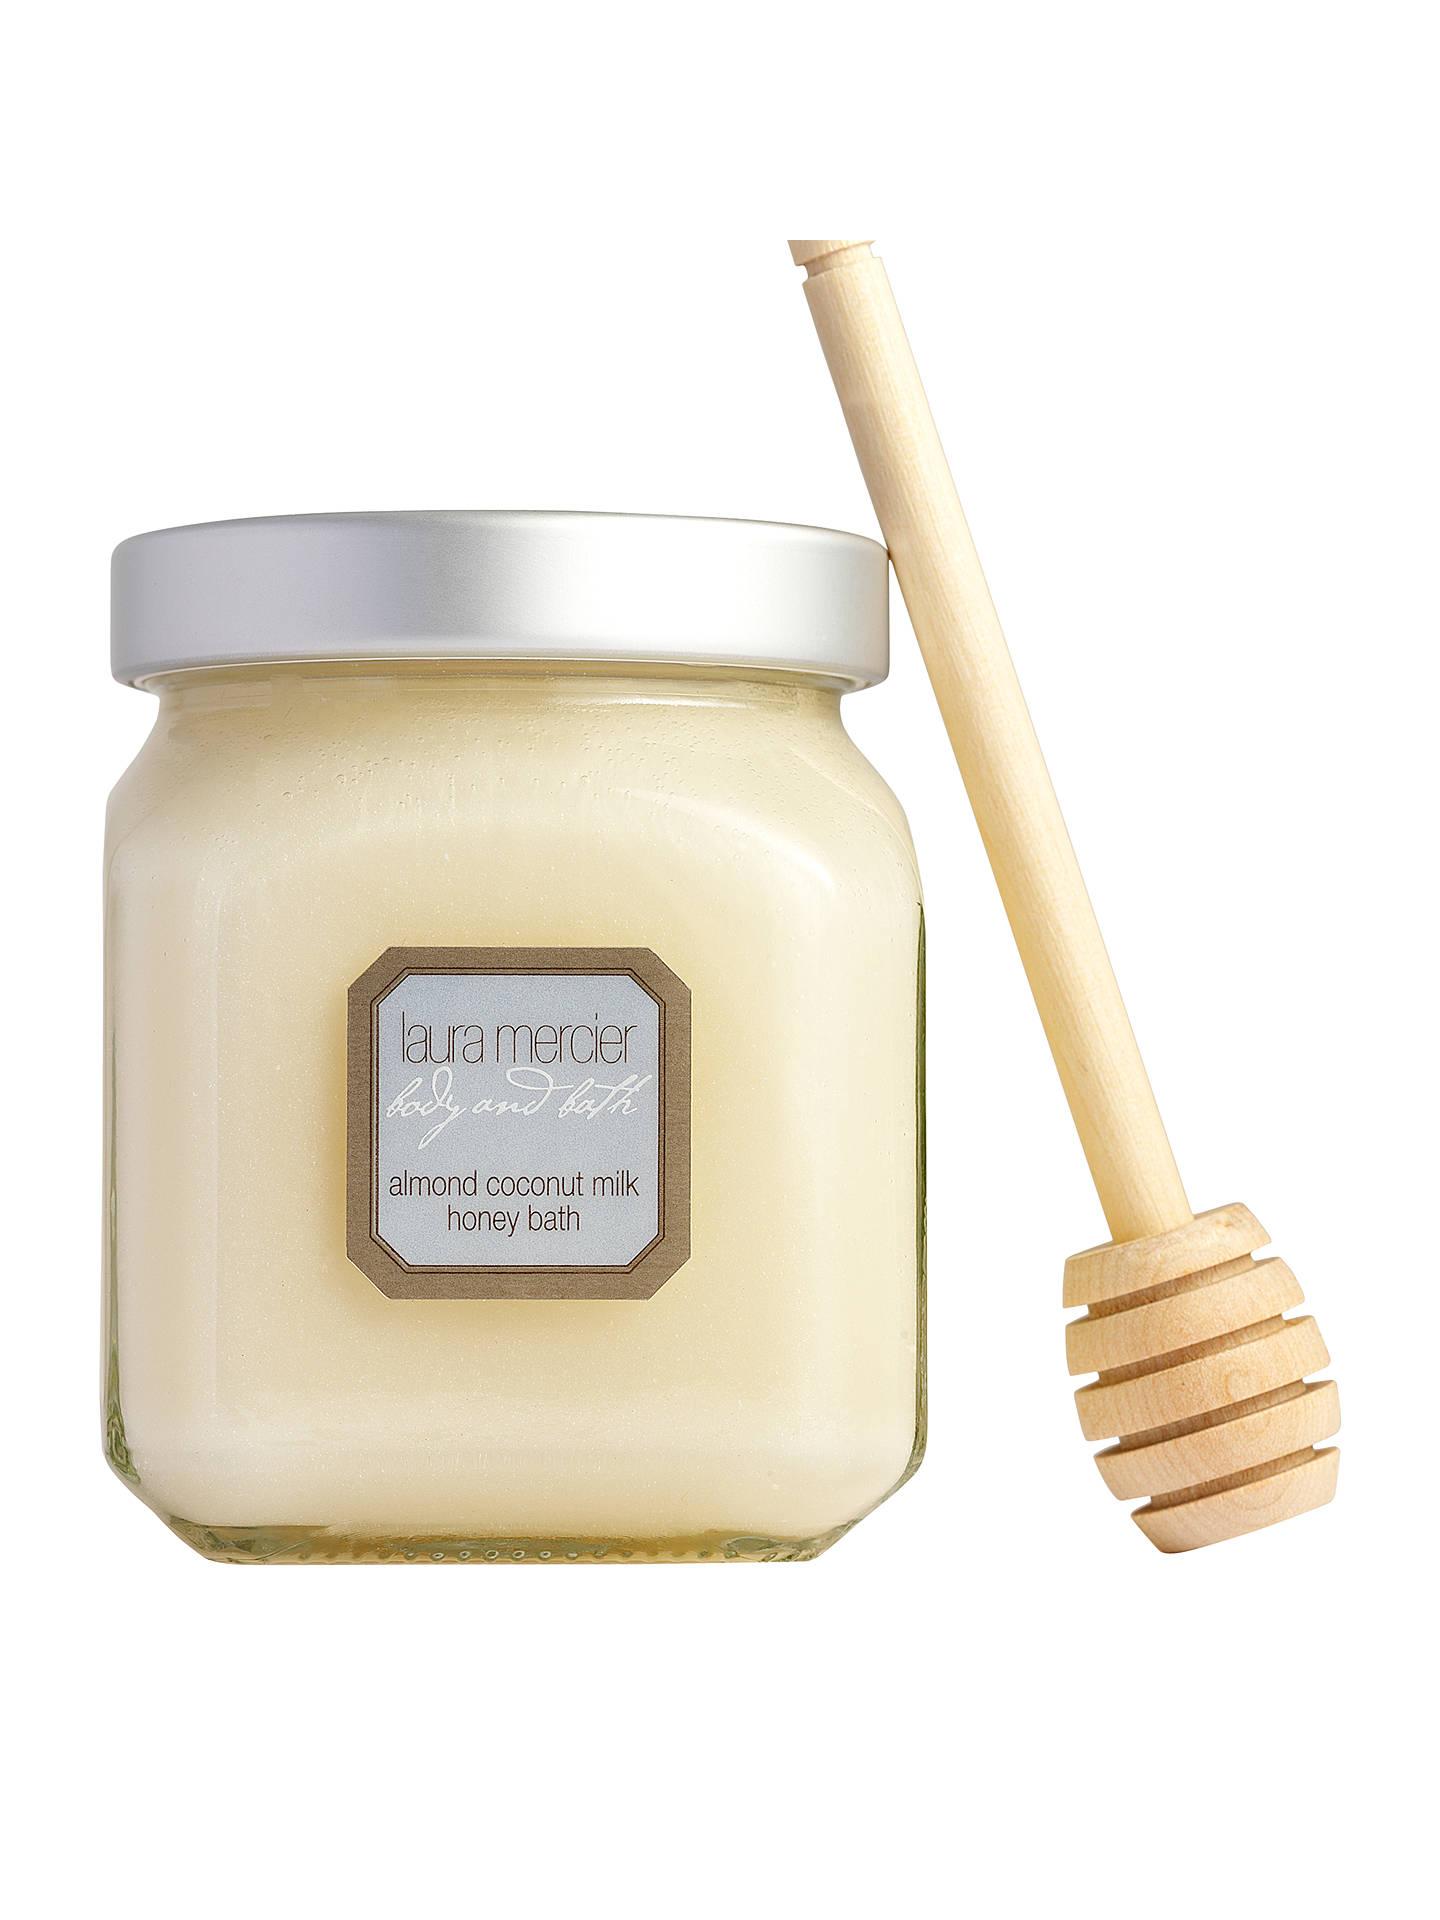 Laura Mercier Almond Coconut Mik Honey Bath